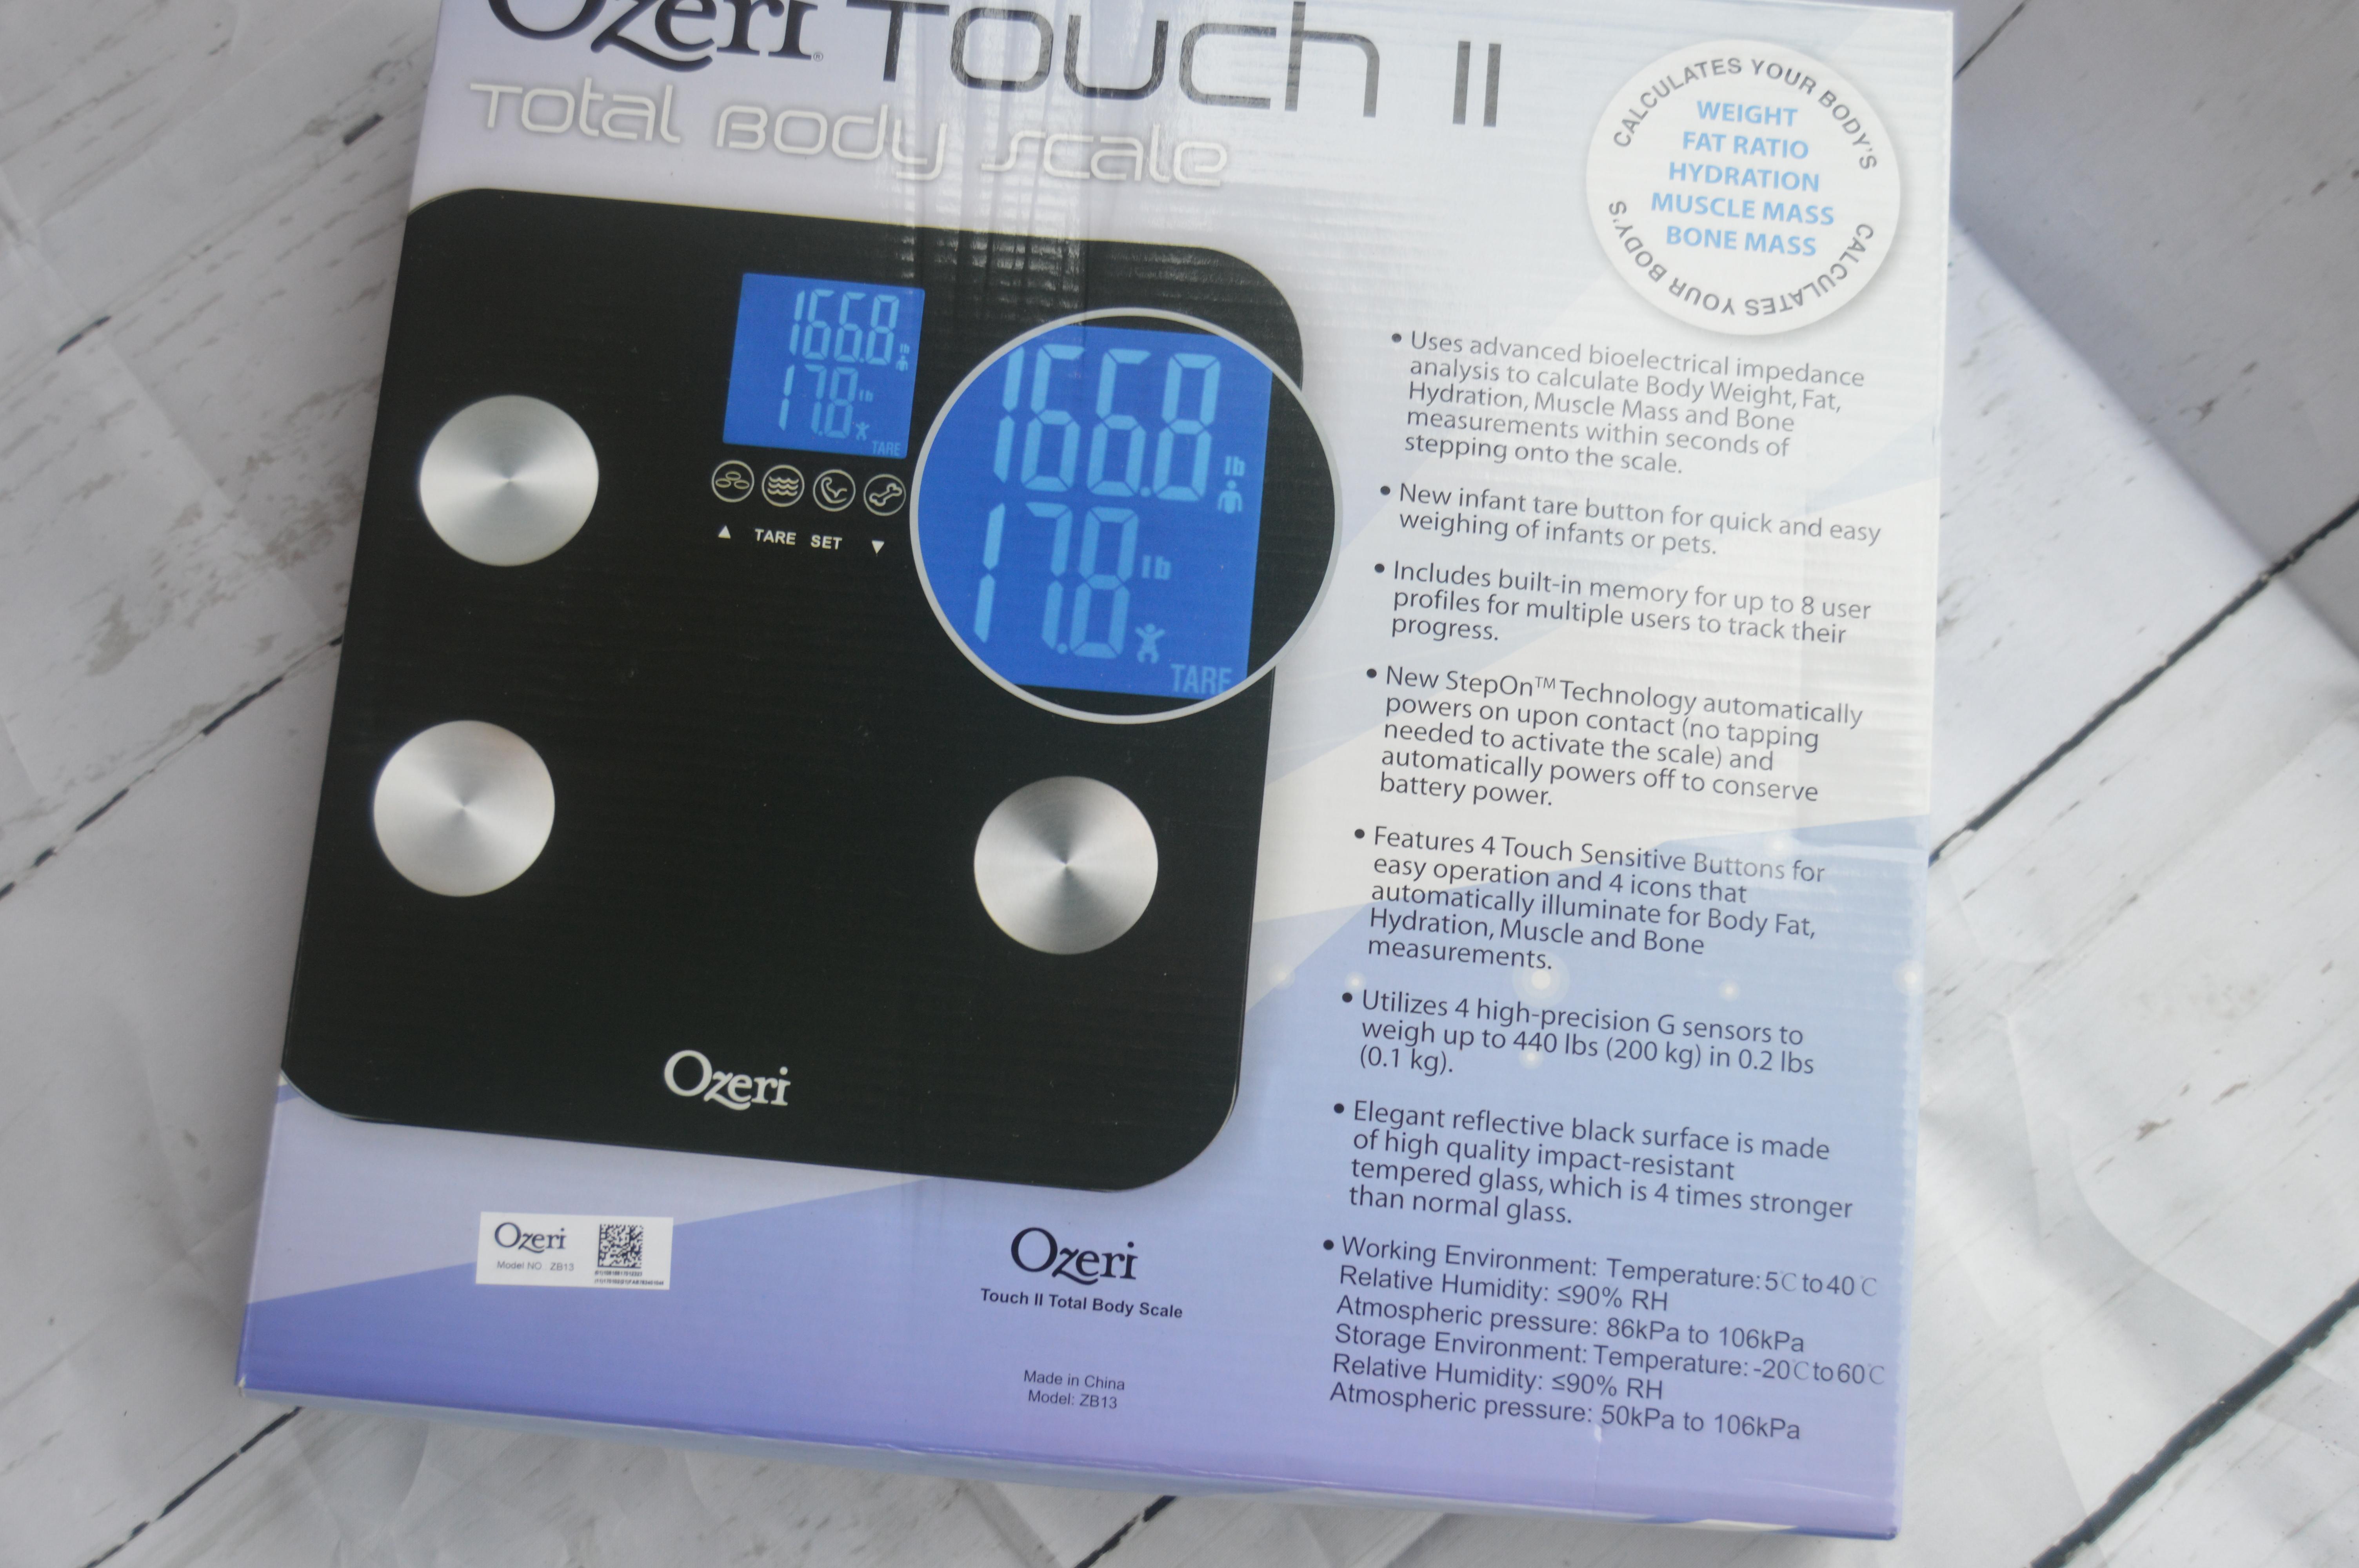 Ozeri Touch